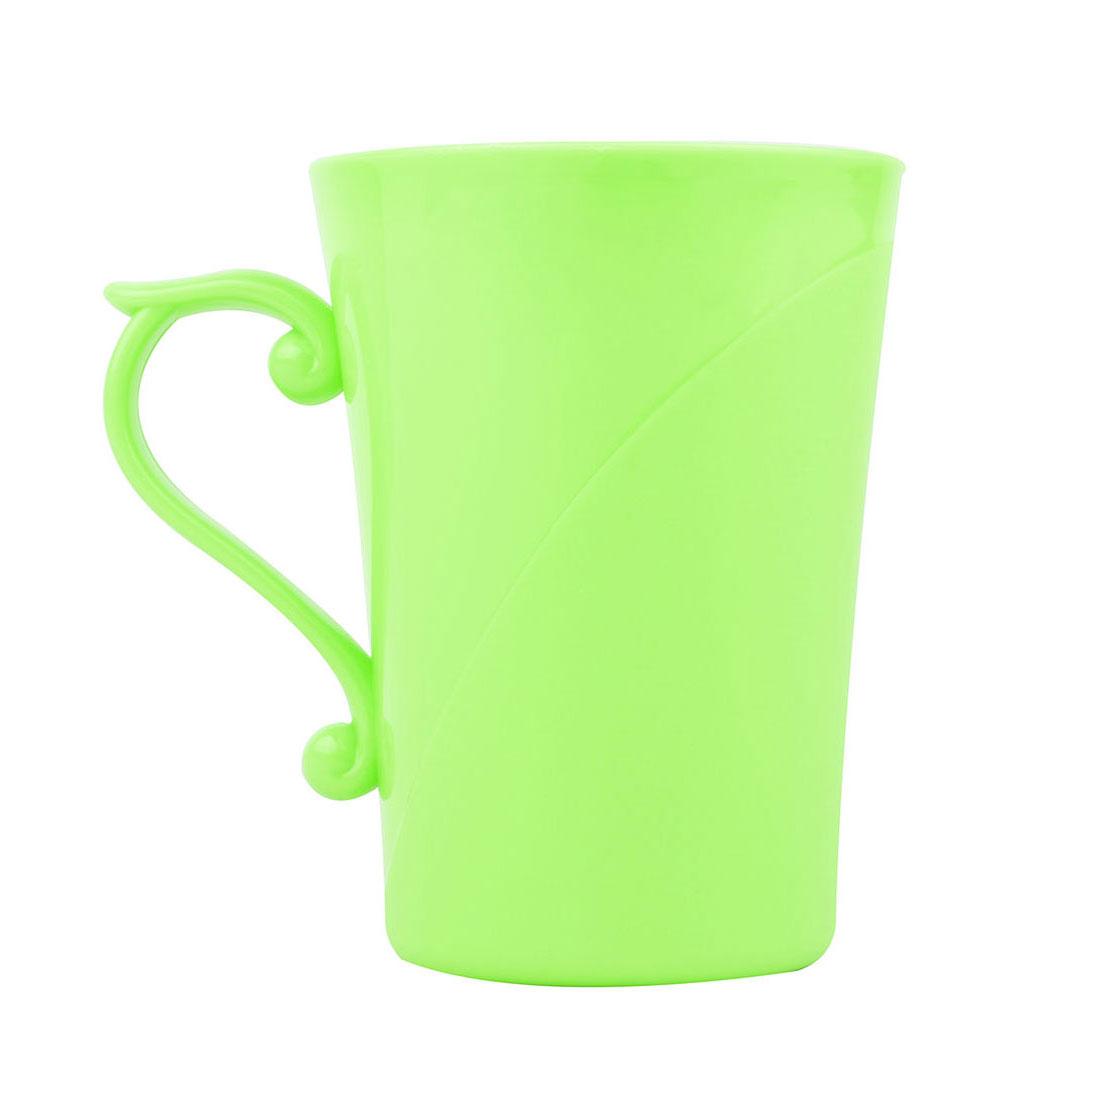 Household Bathroom Plastic Water Bottle Brushing Gargle Toothbrush Cup Holder Light Green